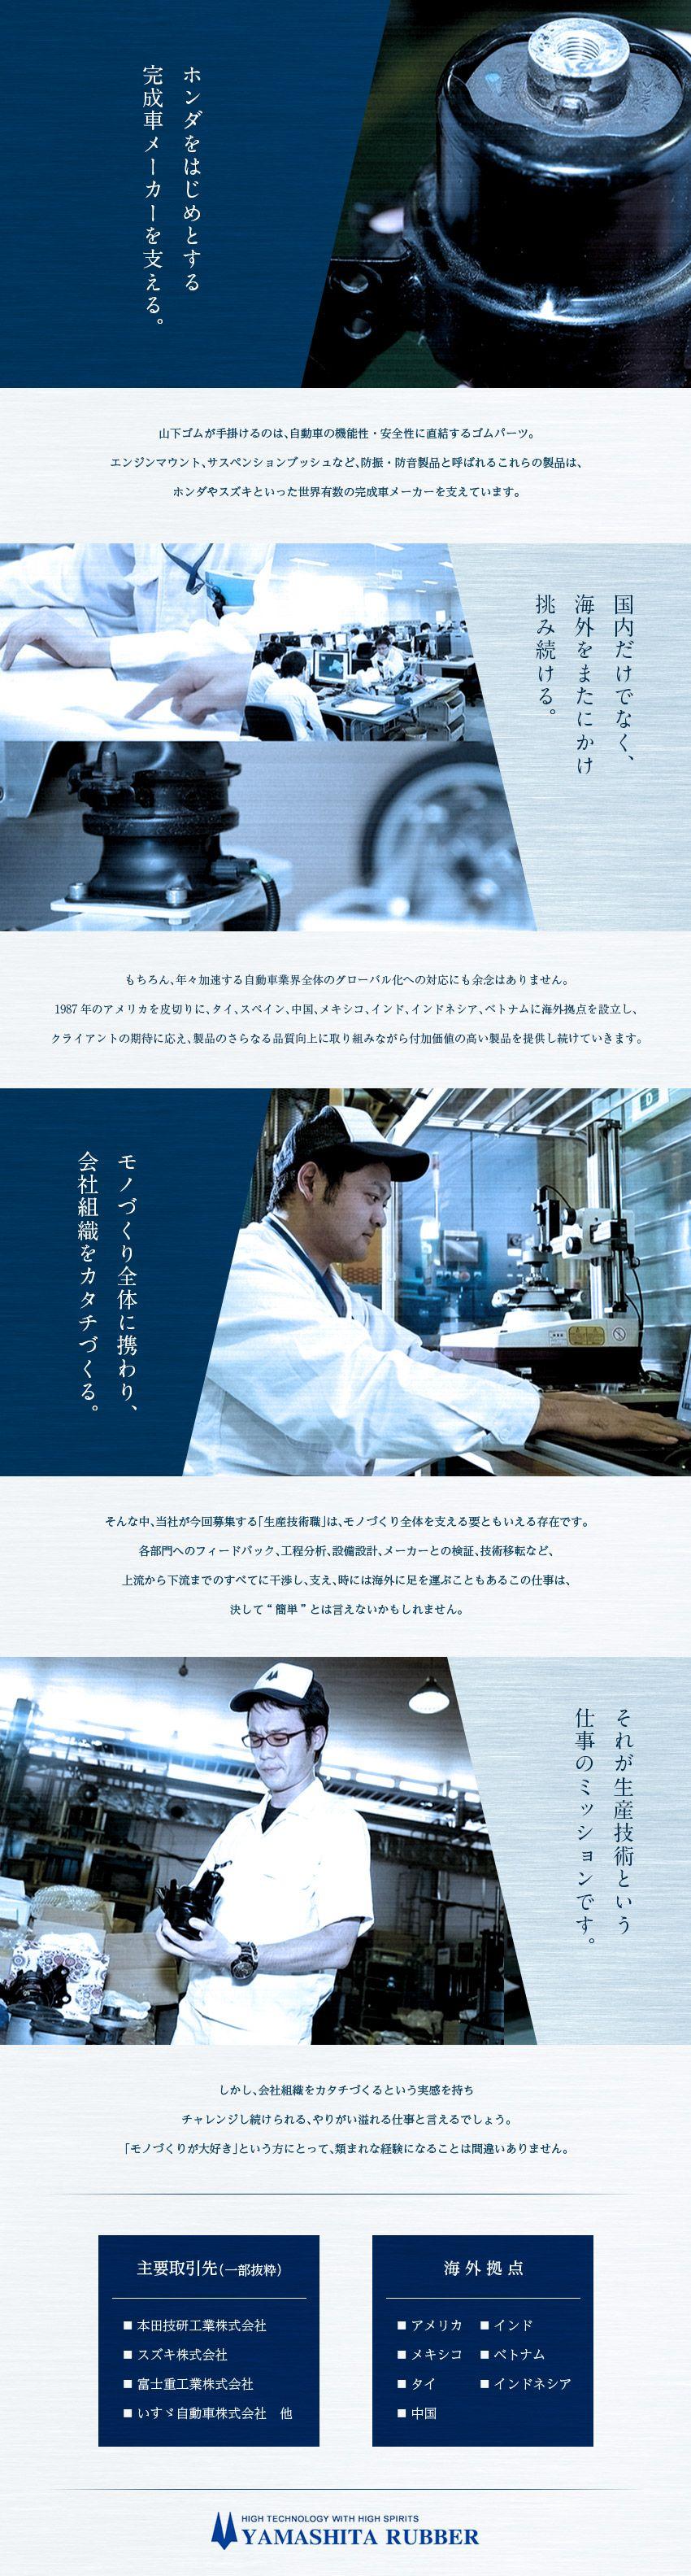 山下ゴム株式会社/自動車部品メーカーの生産技術/週休2日・賞与年2回の求人PR − 転職ならDODA(デューダ)